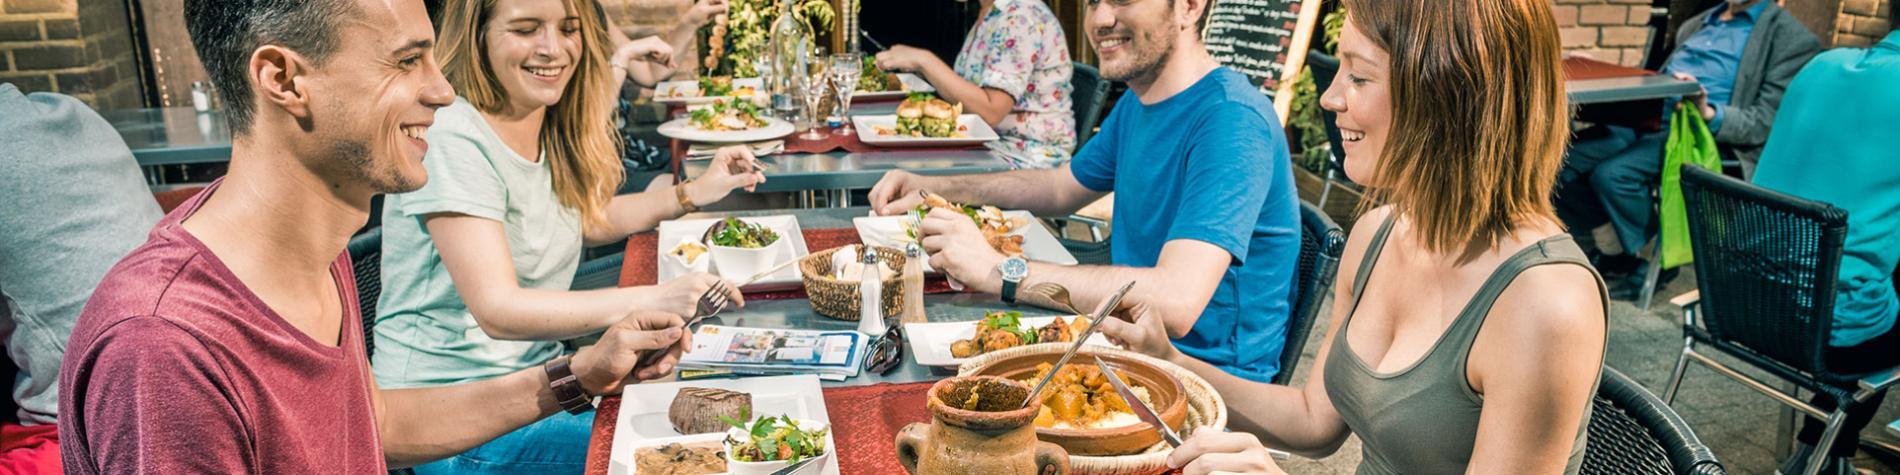 Louvain-la-neuve - Nulle part ailleurs - Restaurant - à table